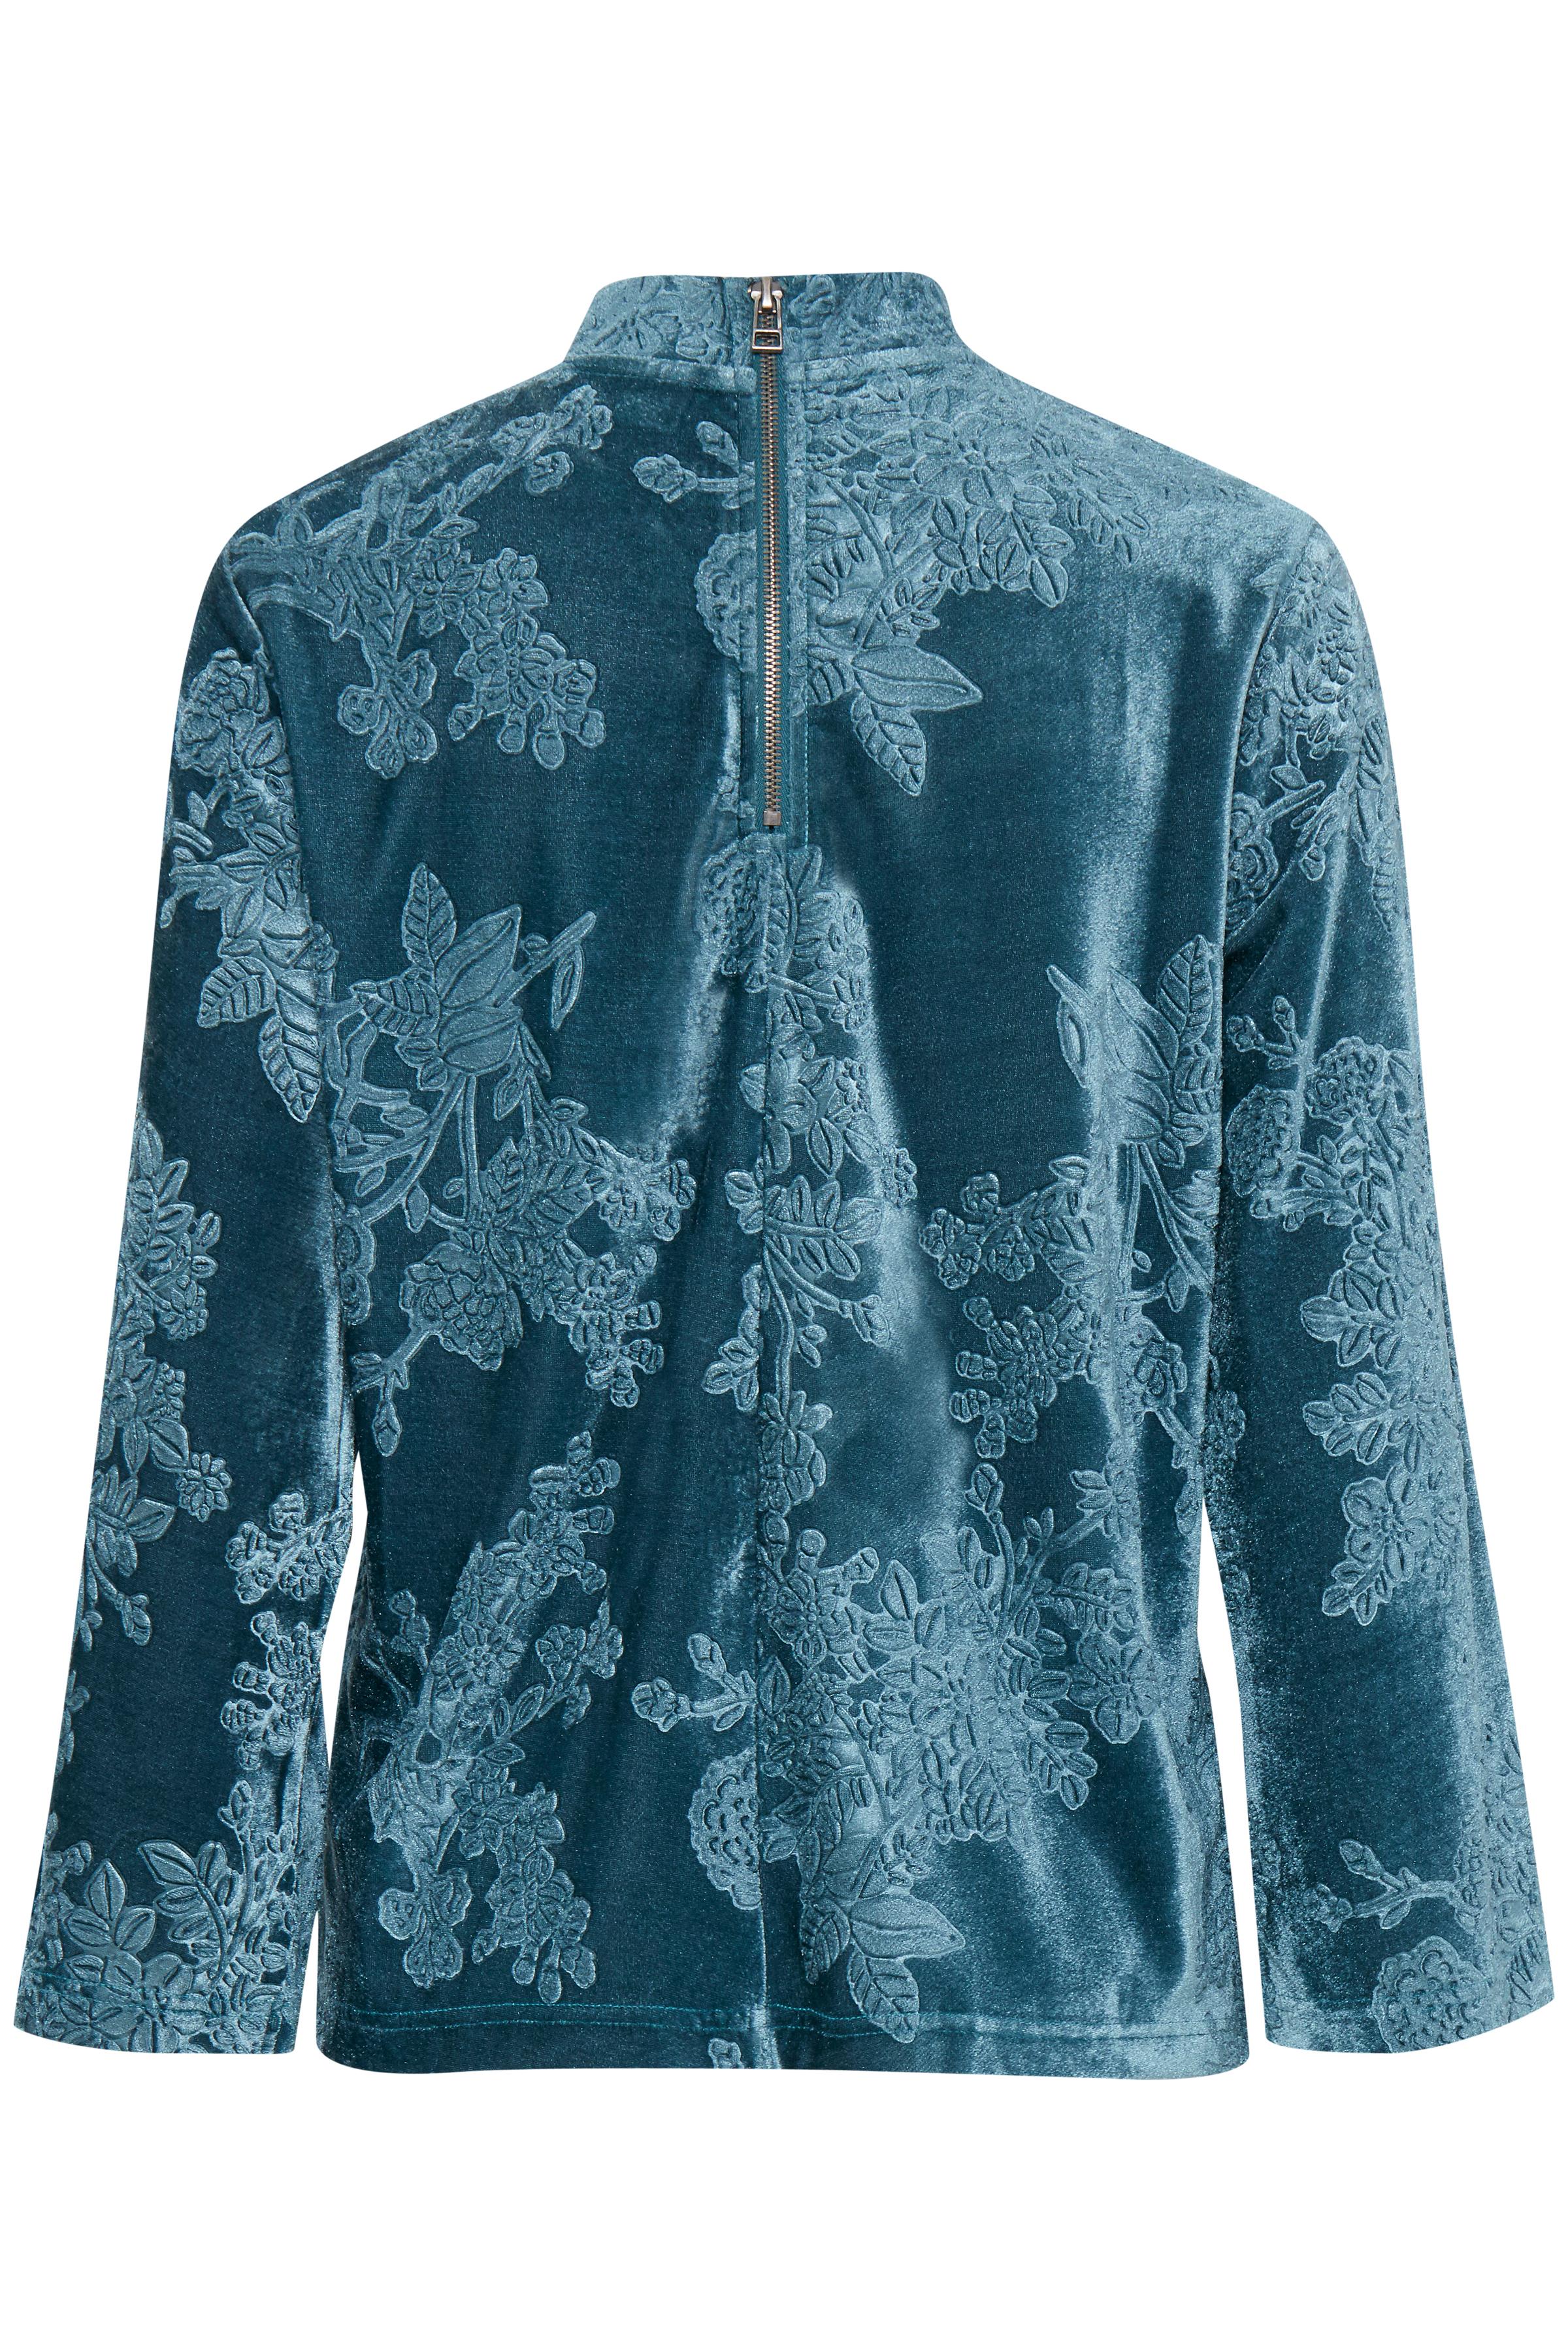 Teal Langærmet bluse fra b.young – Køb Teal Langærmet bluse fra str. XS-XXL her